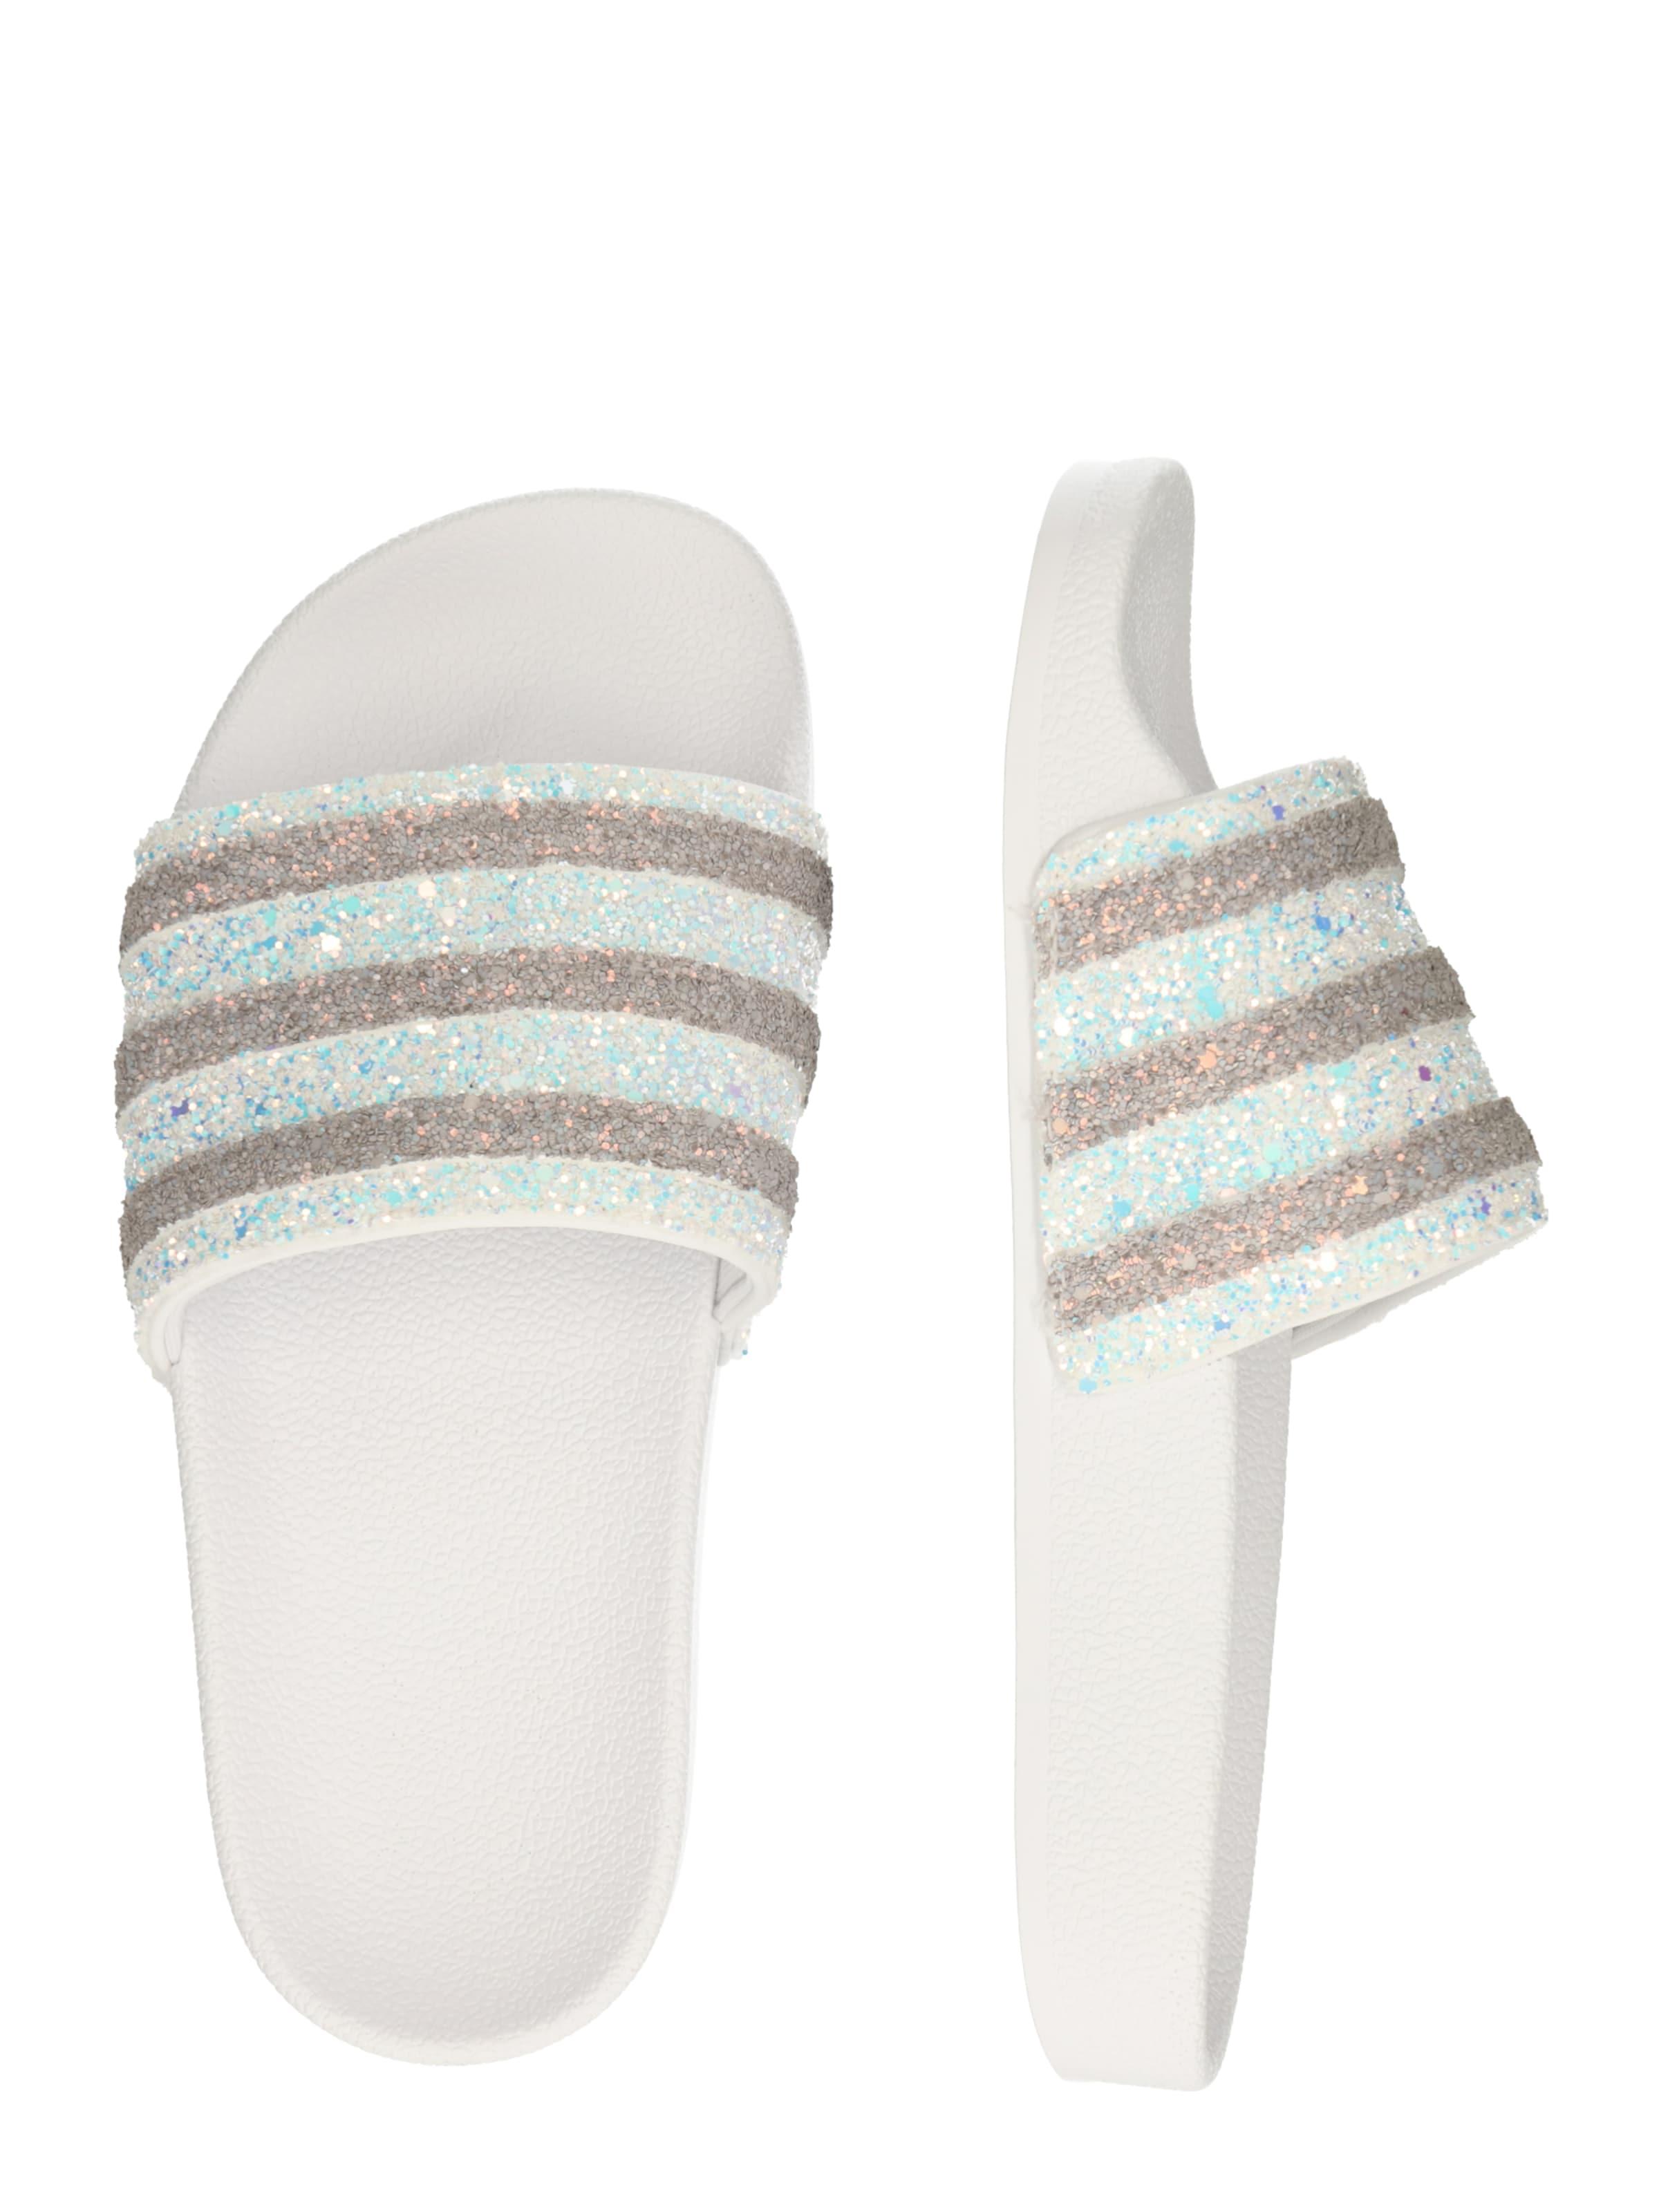 W' 'adilette Weiß In Adidas Originals Slipper wOvmyNn0P8